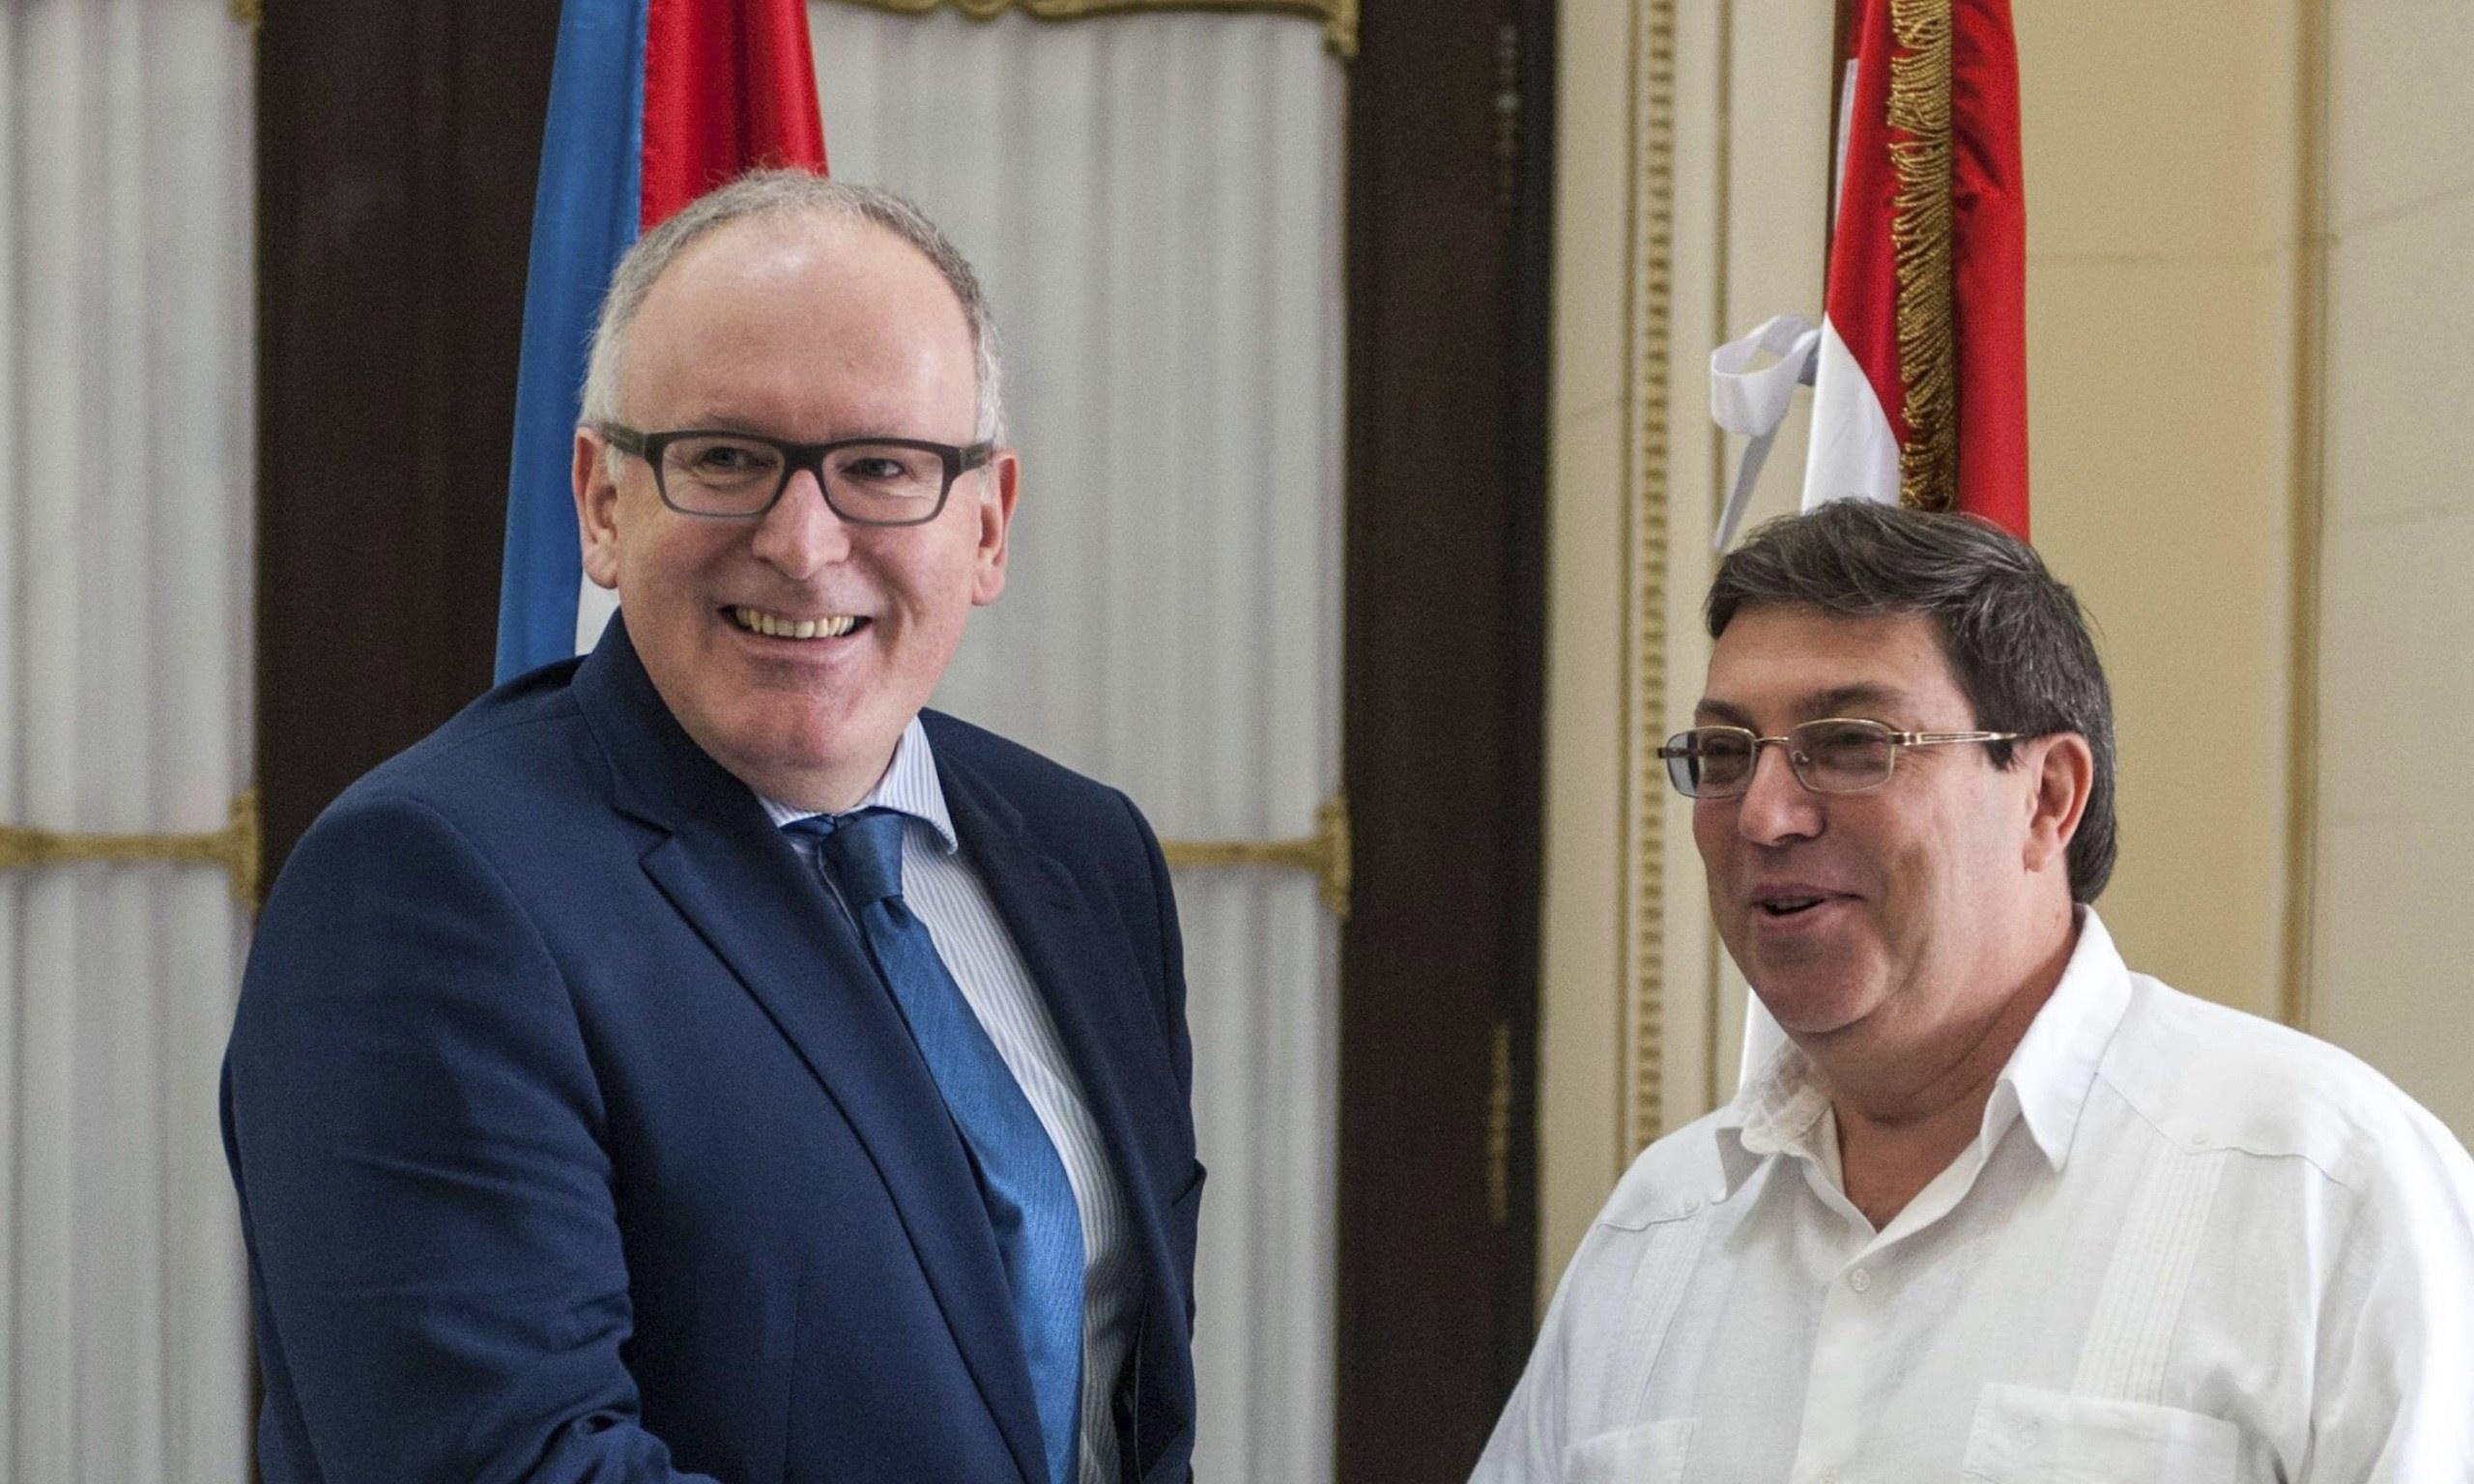 Holanda rompe com posição da UE e abre diálogo político com Cuba